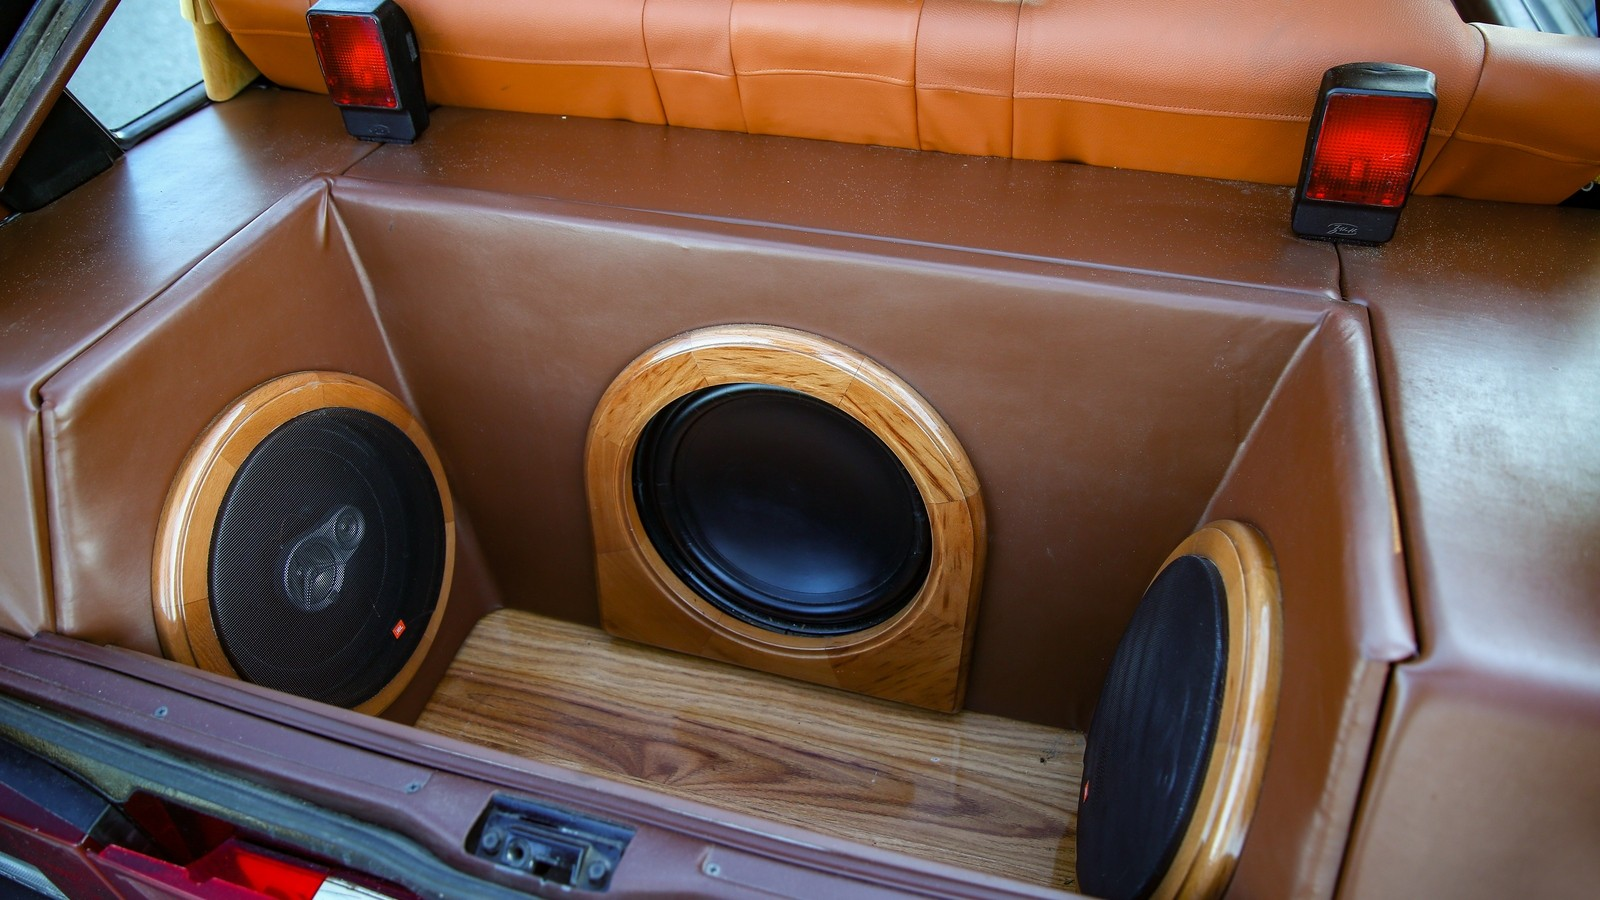 ВАЗ-2109 аудиосистема в багажнике (2)